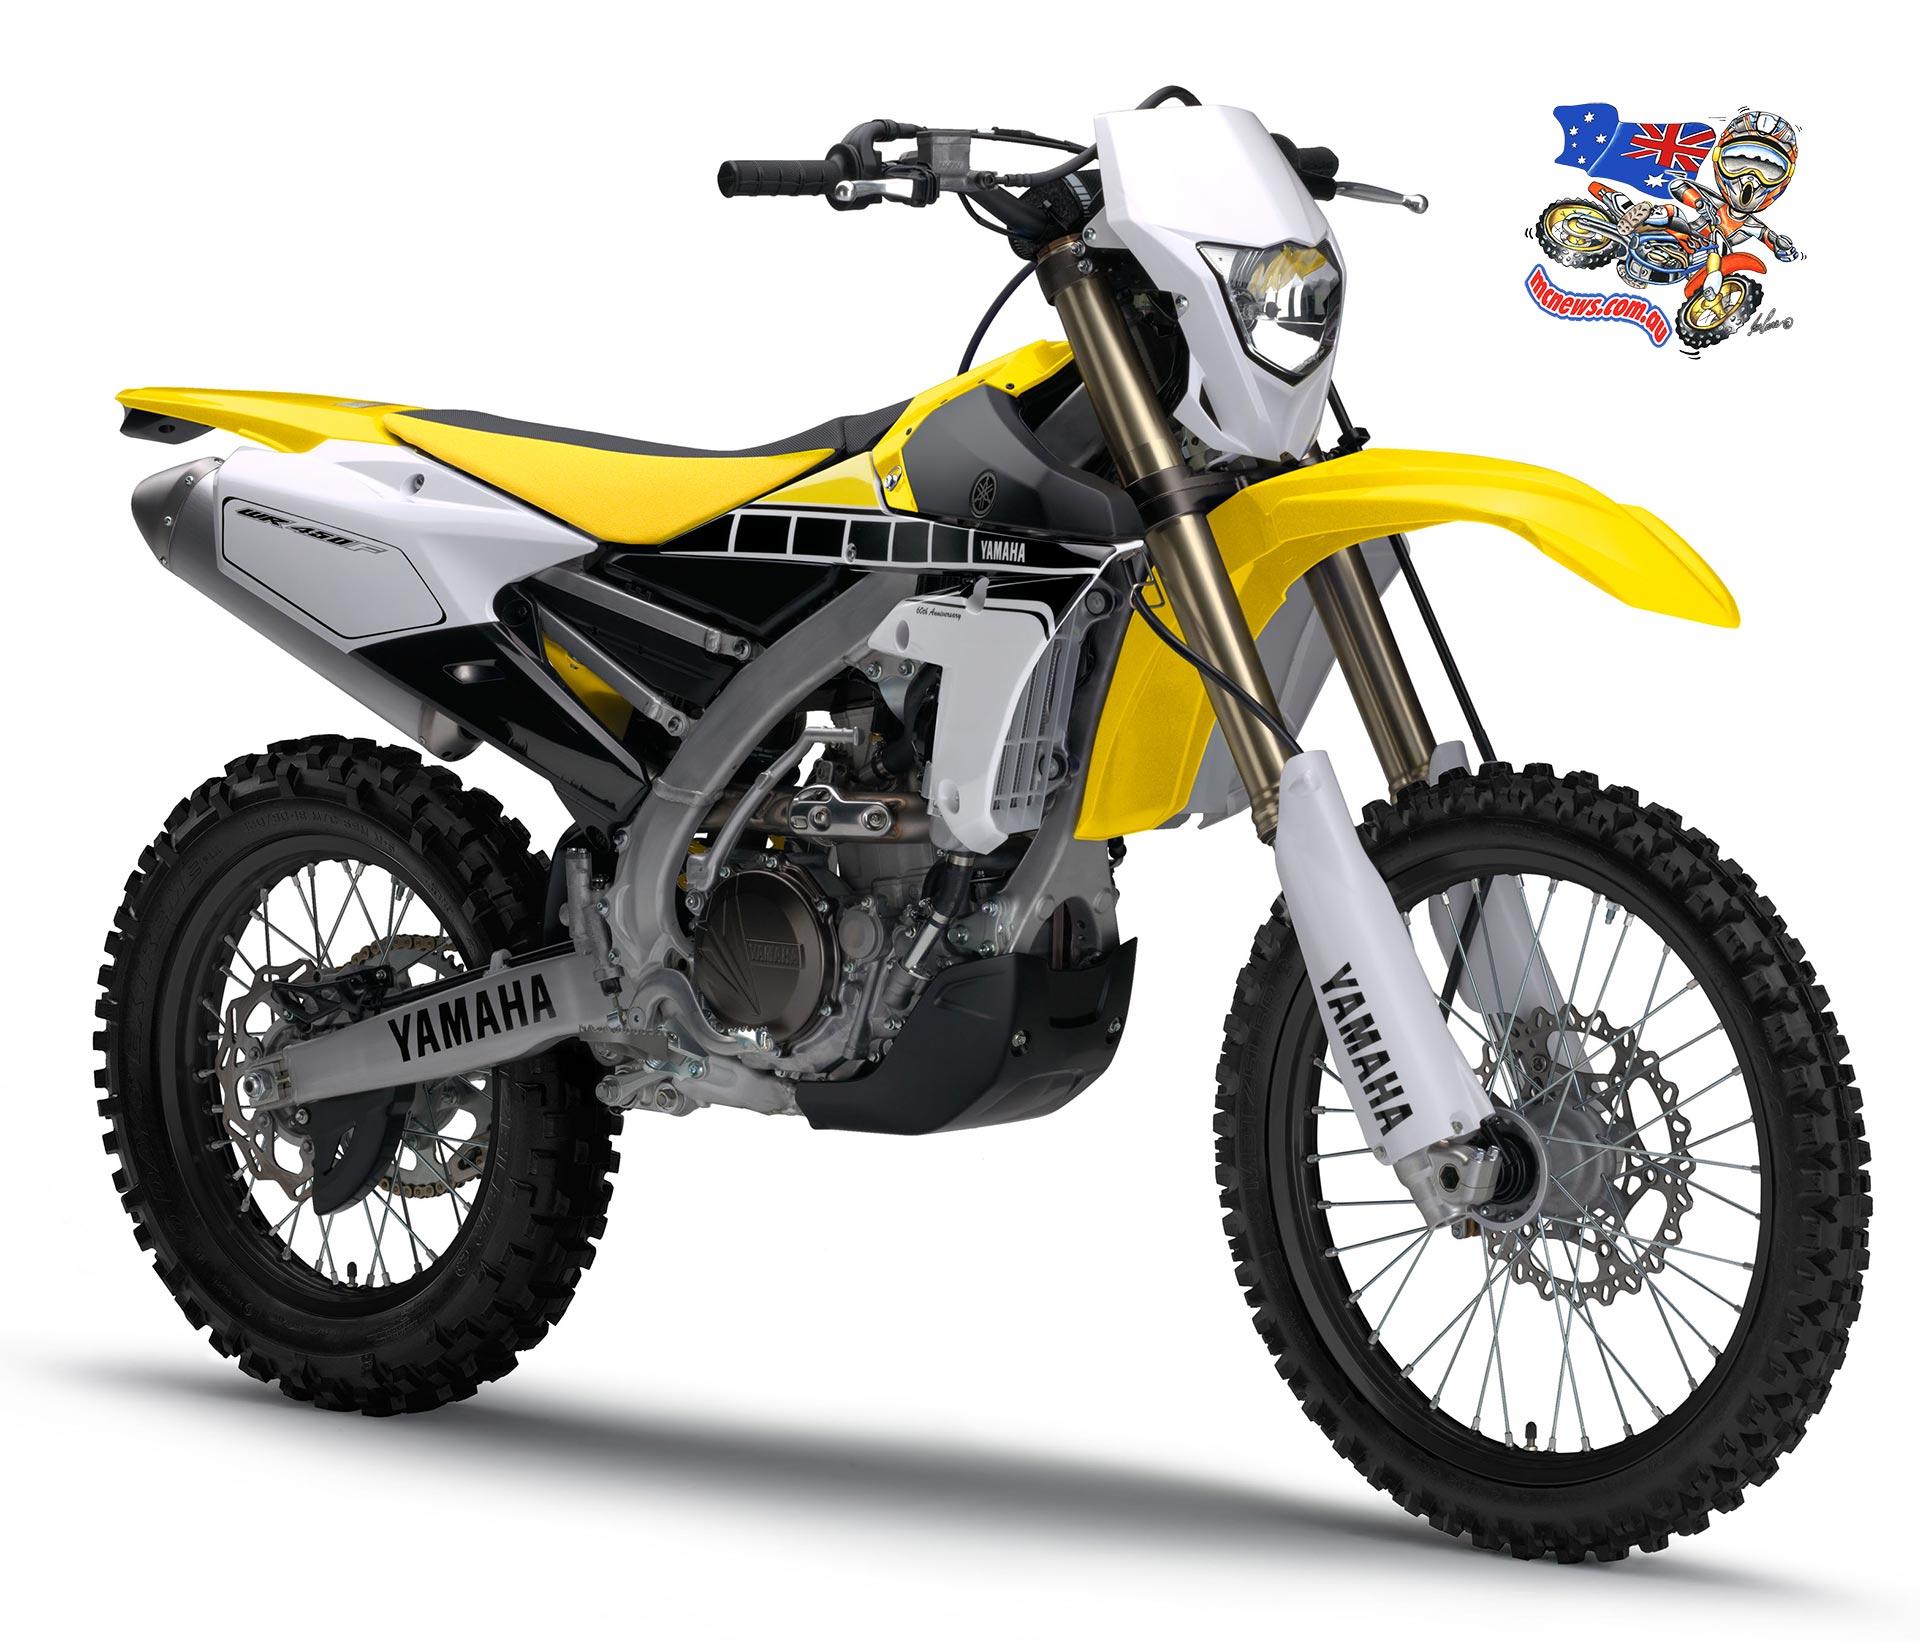 All New Yamaha WR450F Revealed